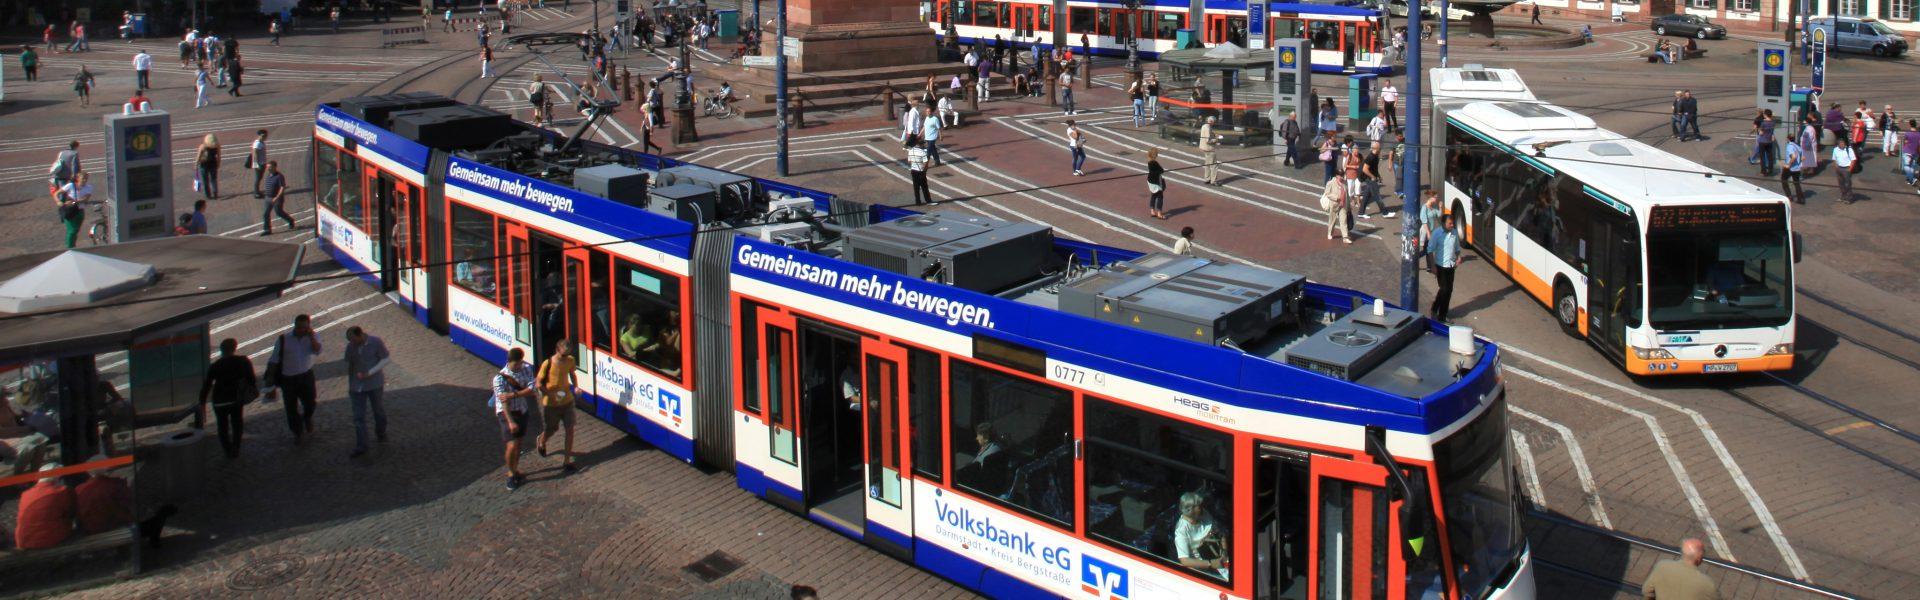 Header Bild HEAG mobilo: Ab Montag (23.3.) Samstagsfahrplan ohne Nachtfahrten